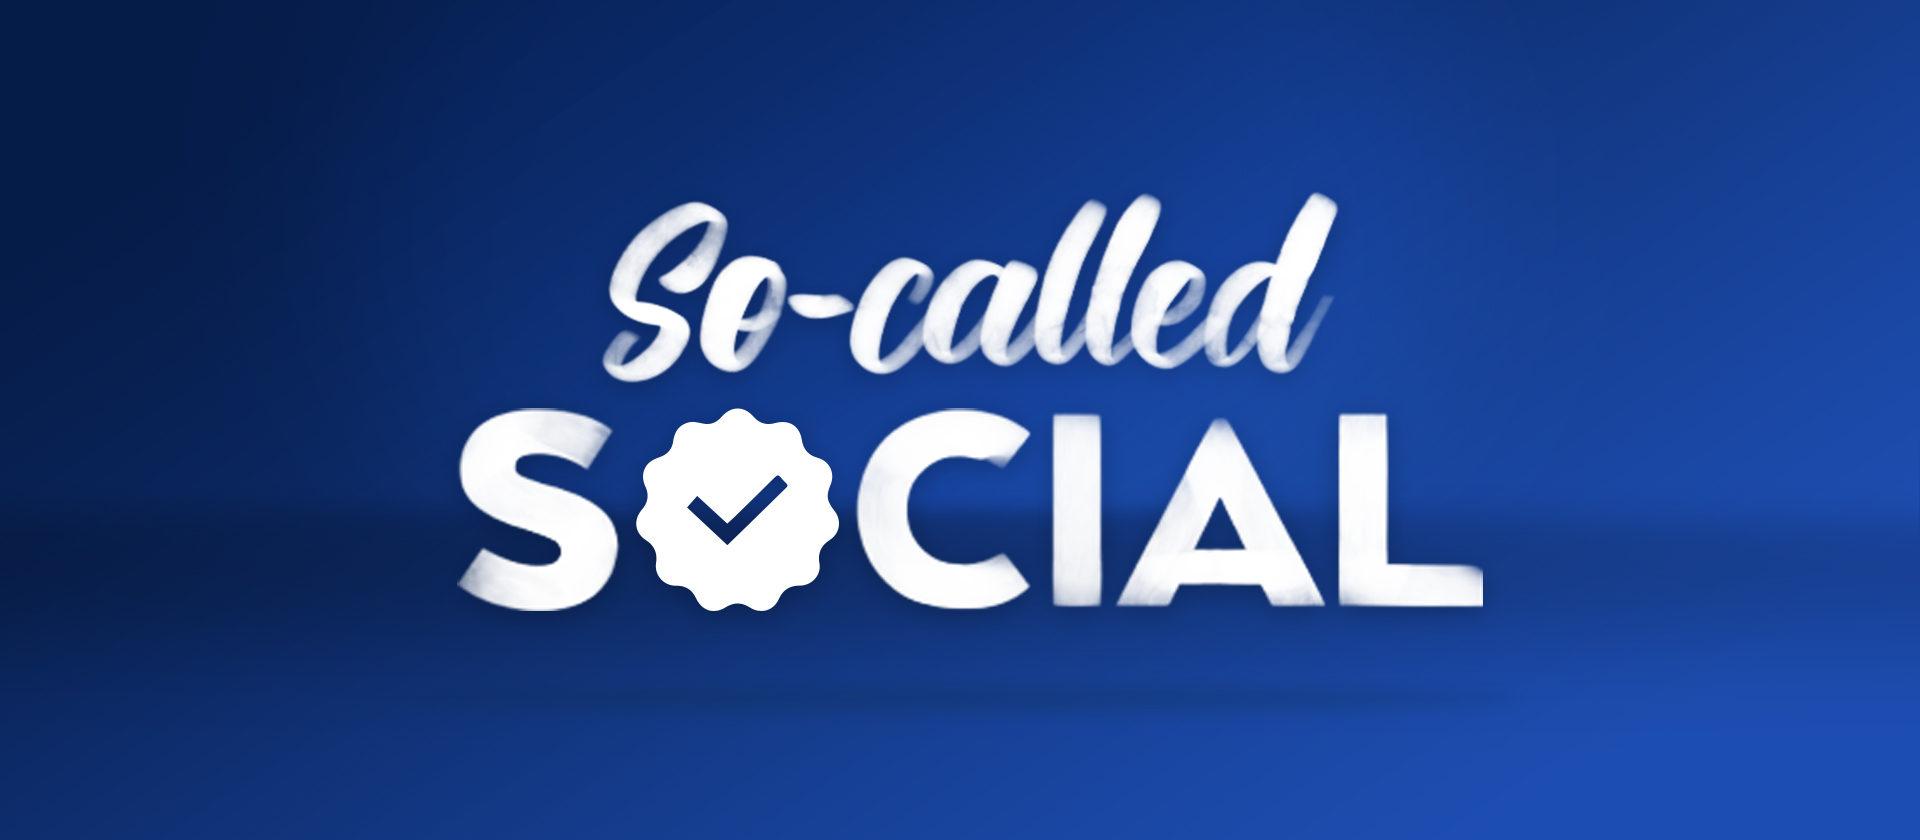 So-Called Social: Week of December 31